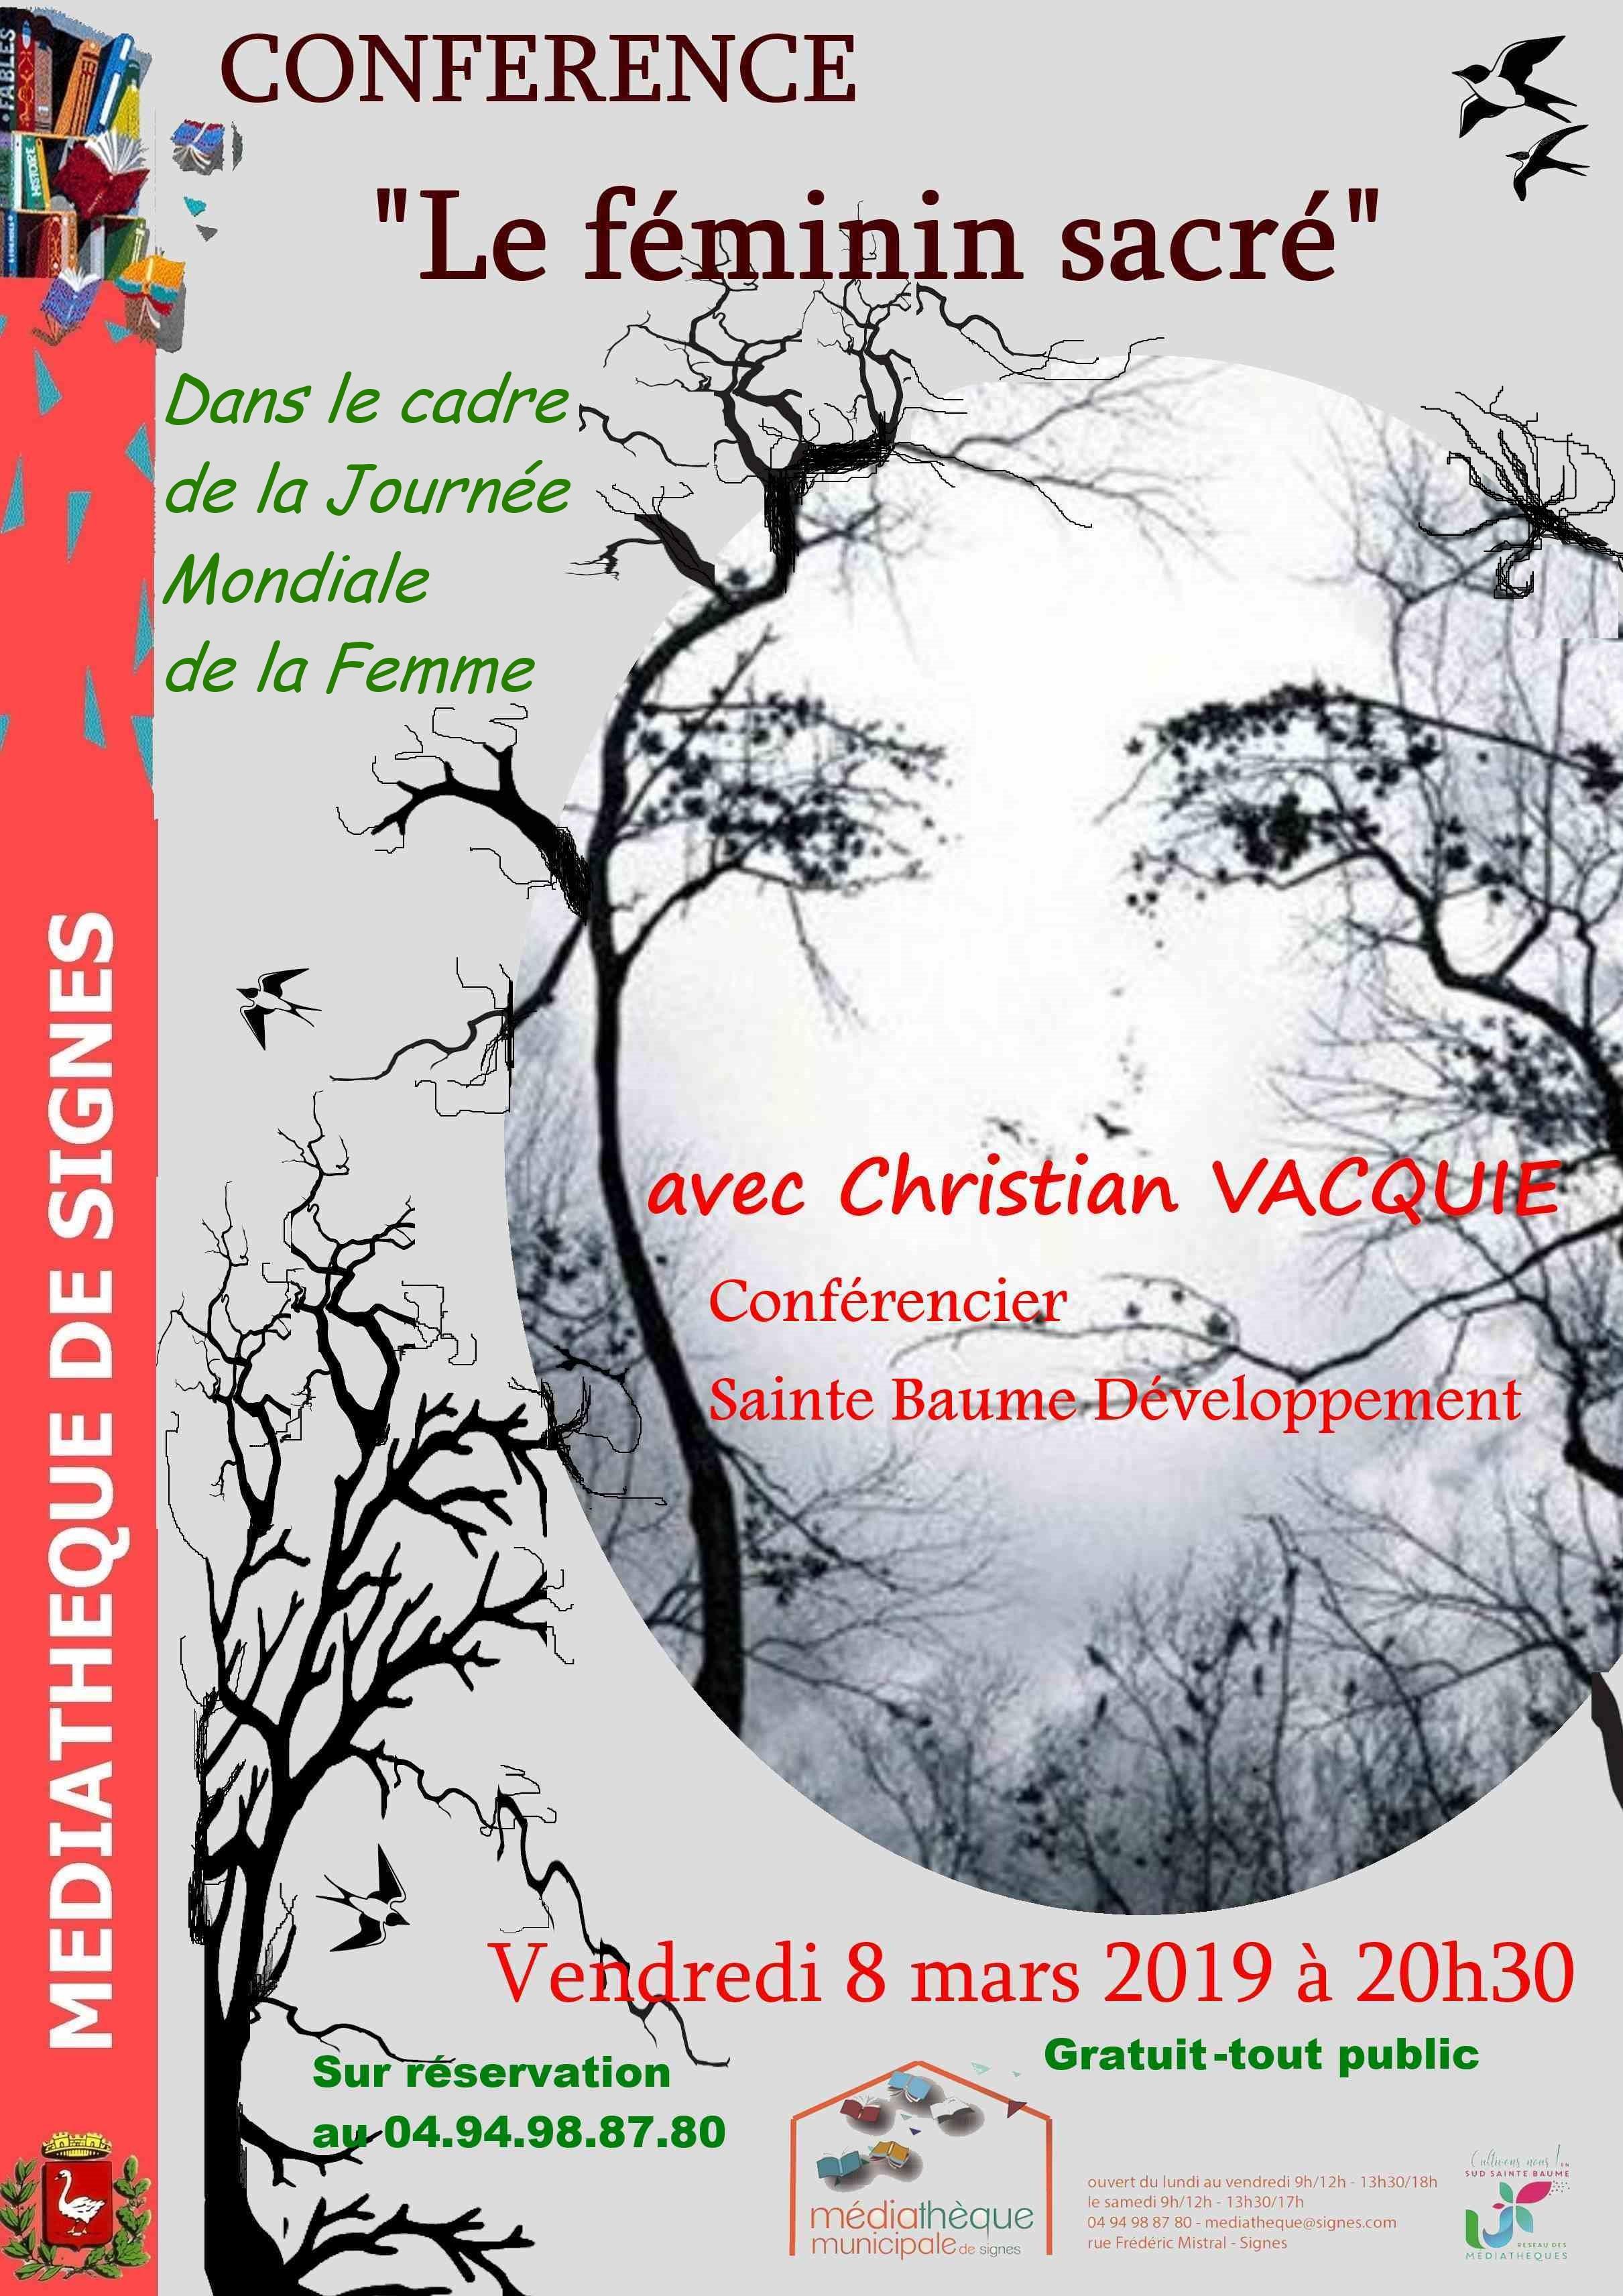 Christian Vacquié en conférence